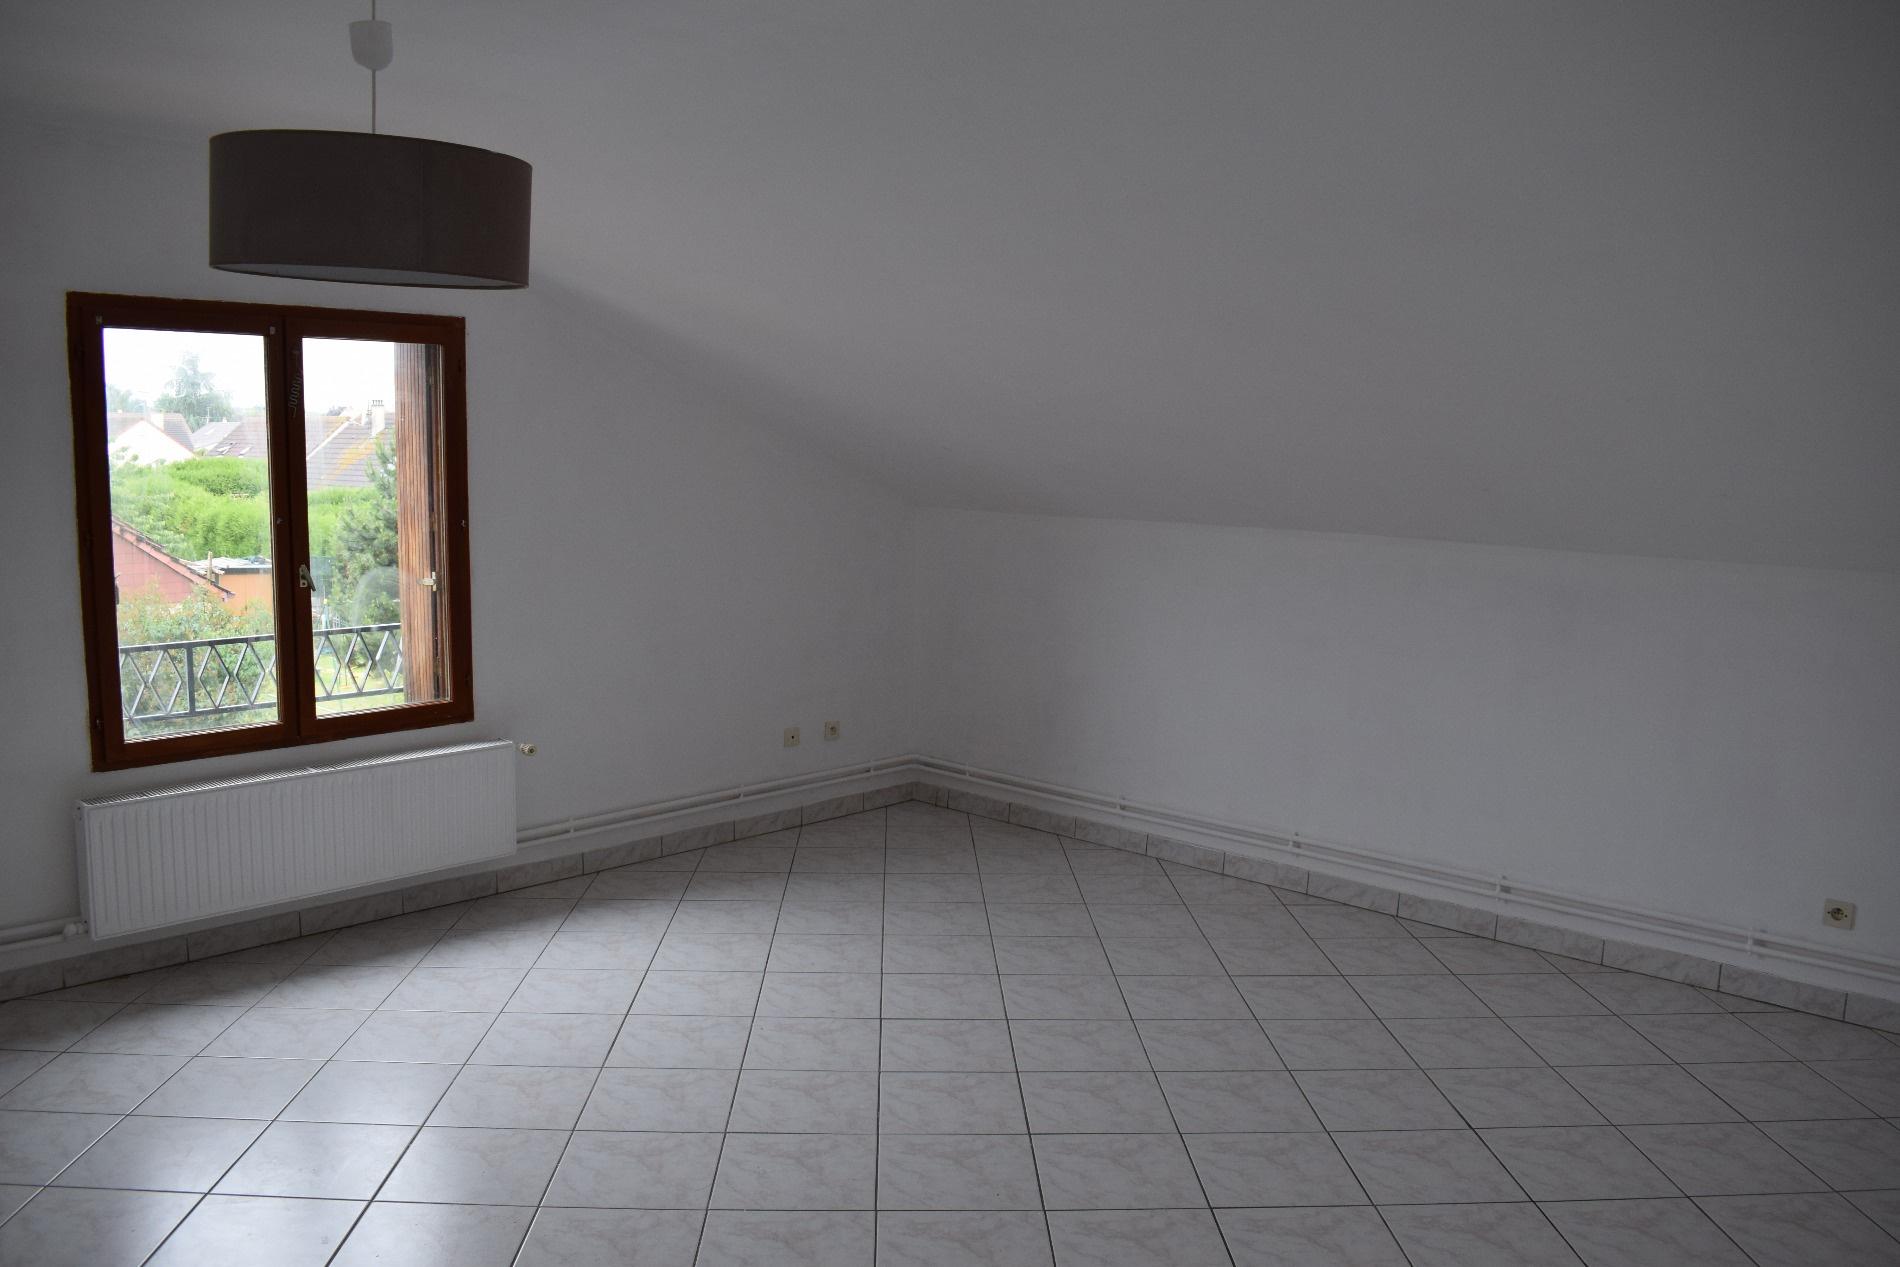 Location appartements maisons et villas dreux for Location garage dreux